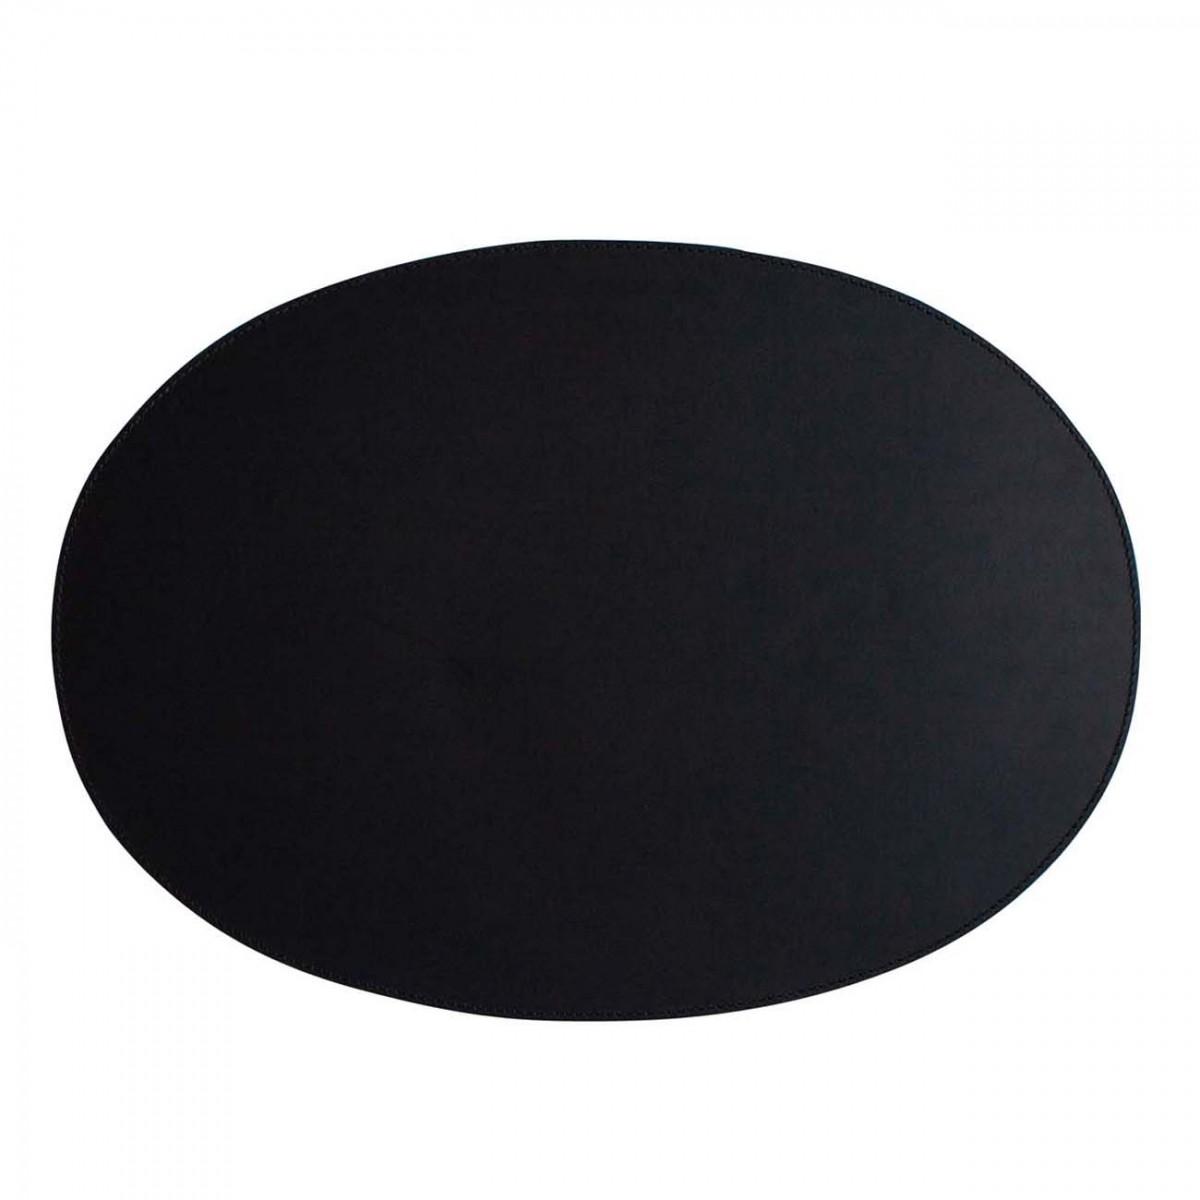 adorist. - Leder Tischset, Lederunterlage, oval, schwarz (weiße Naht)